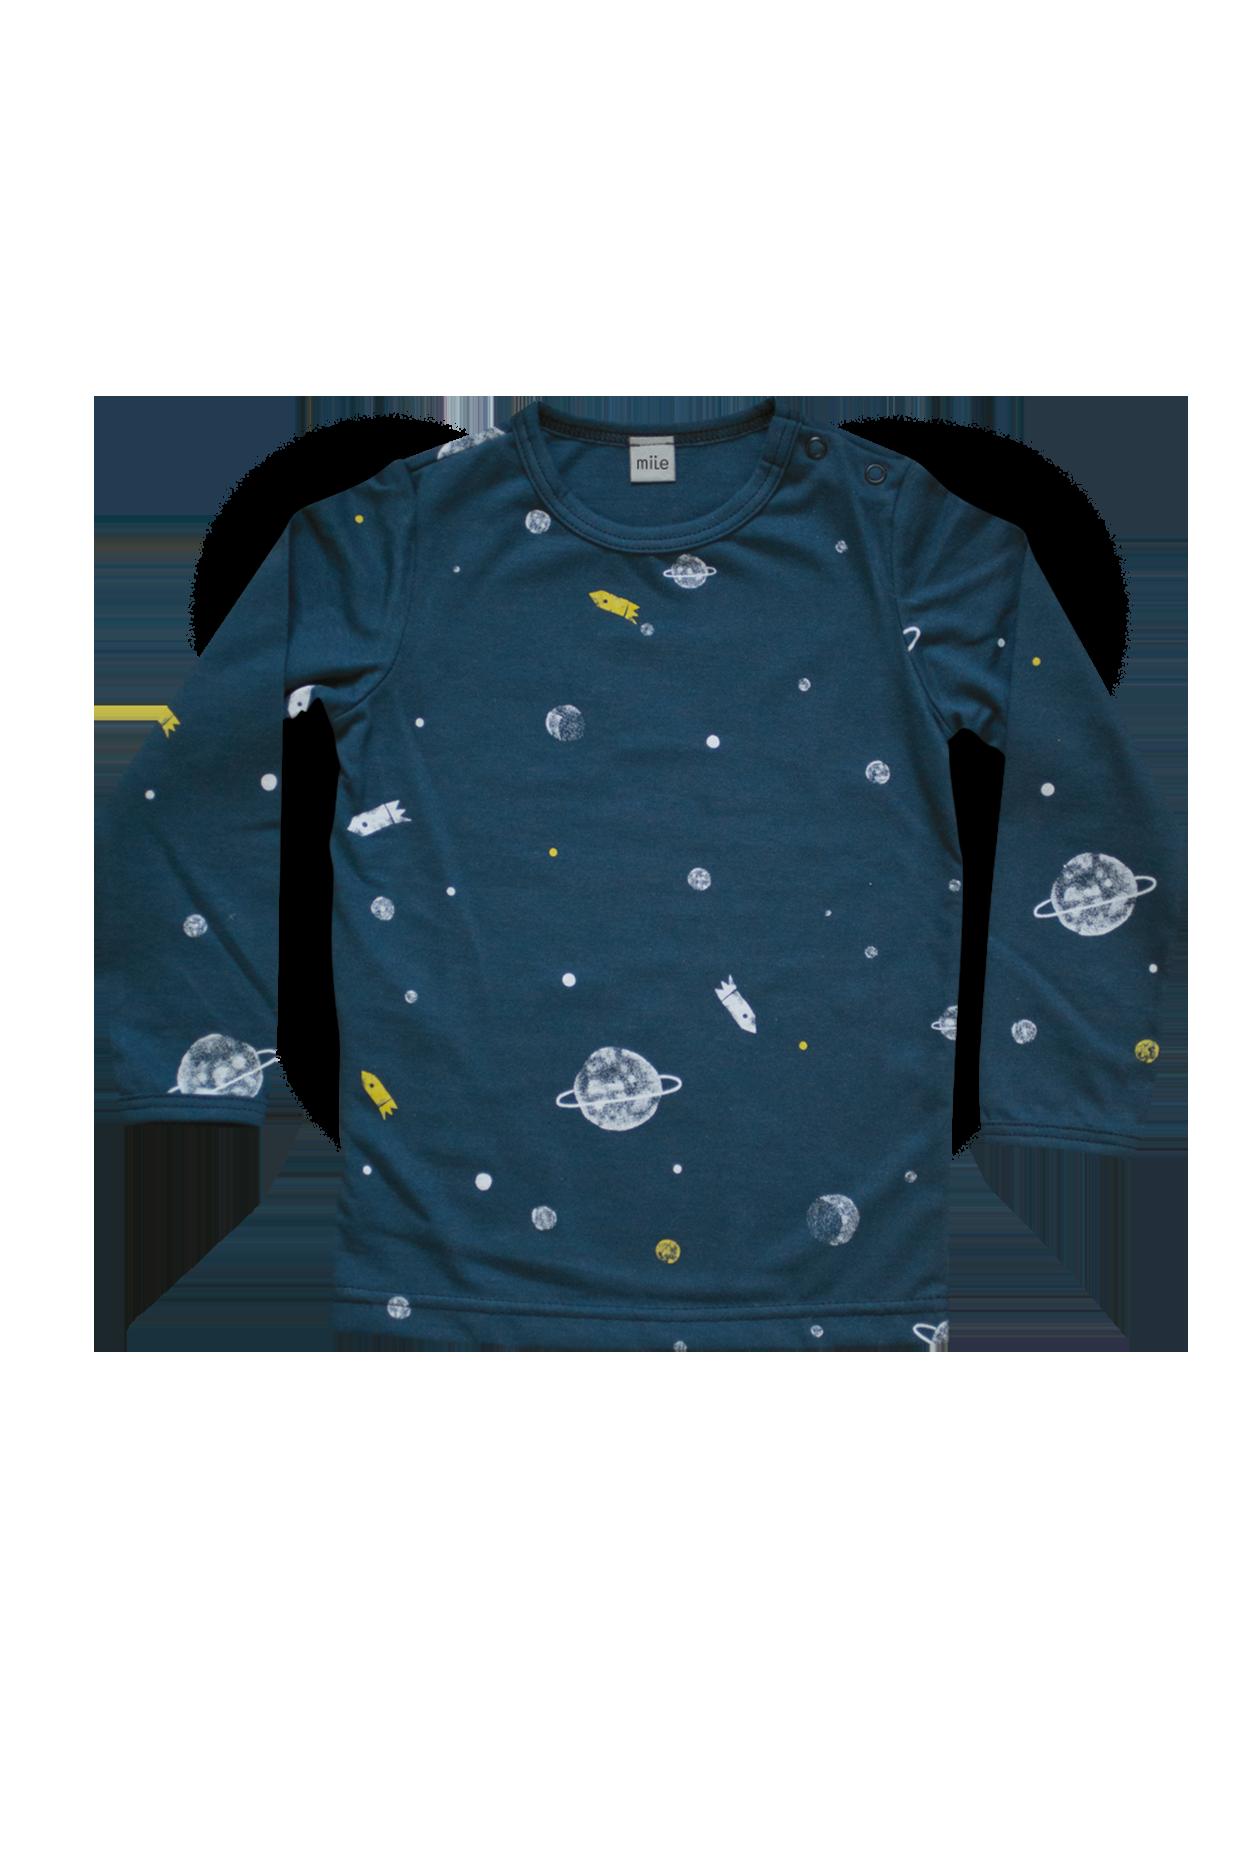 Vesmír tričko dlhý rukáv